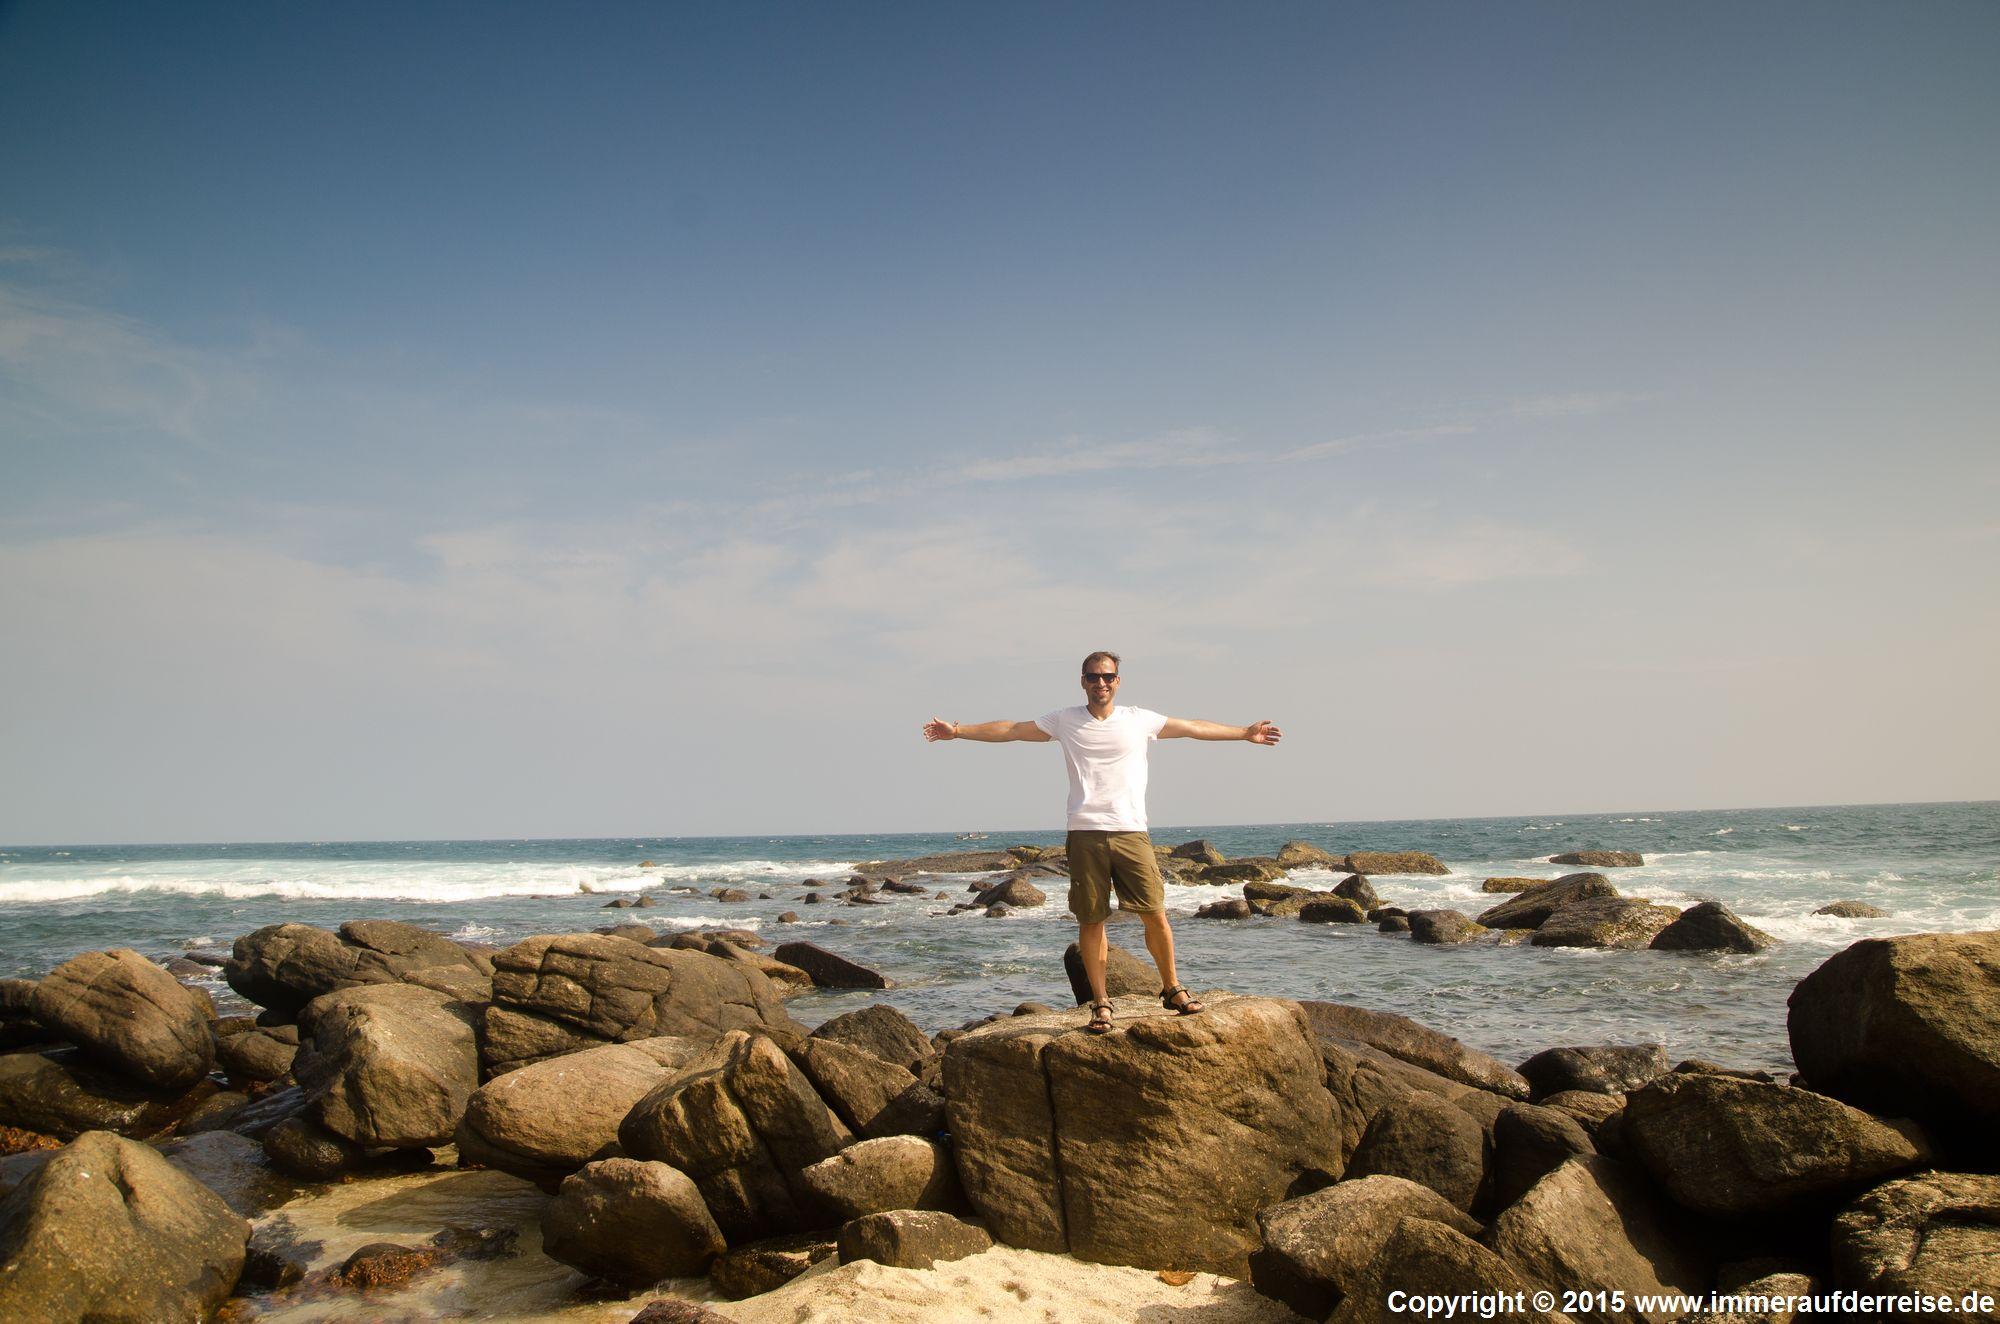 Dondra Head Sri Lanka - Immer auf der Reise - A. Muschick